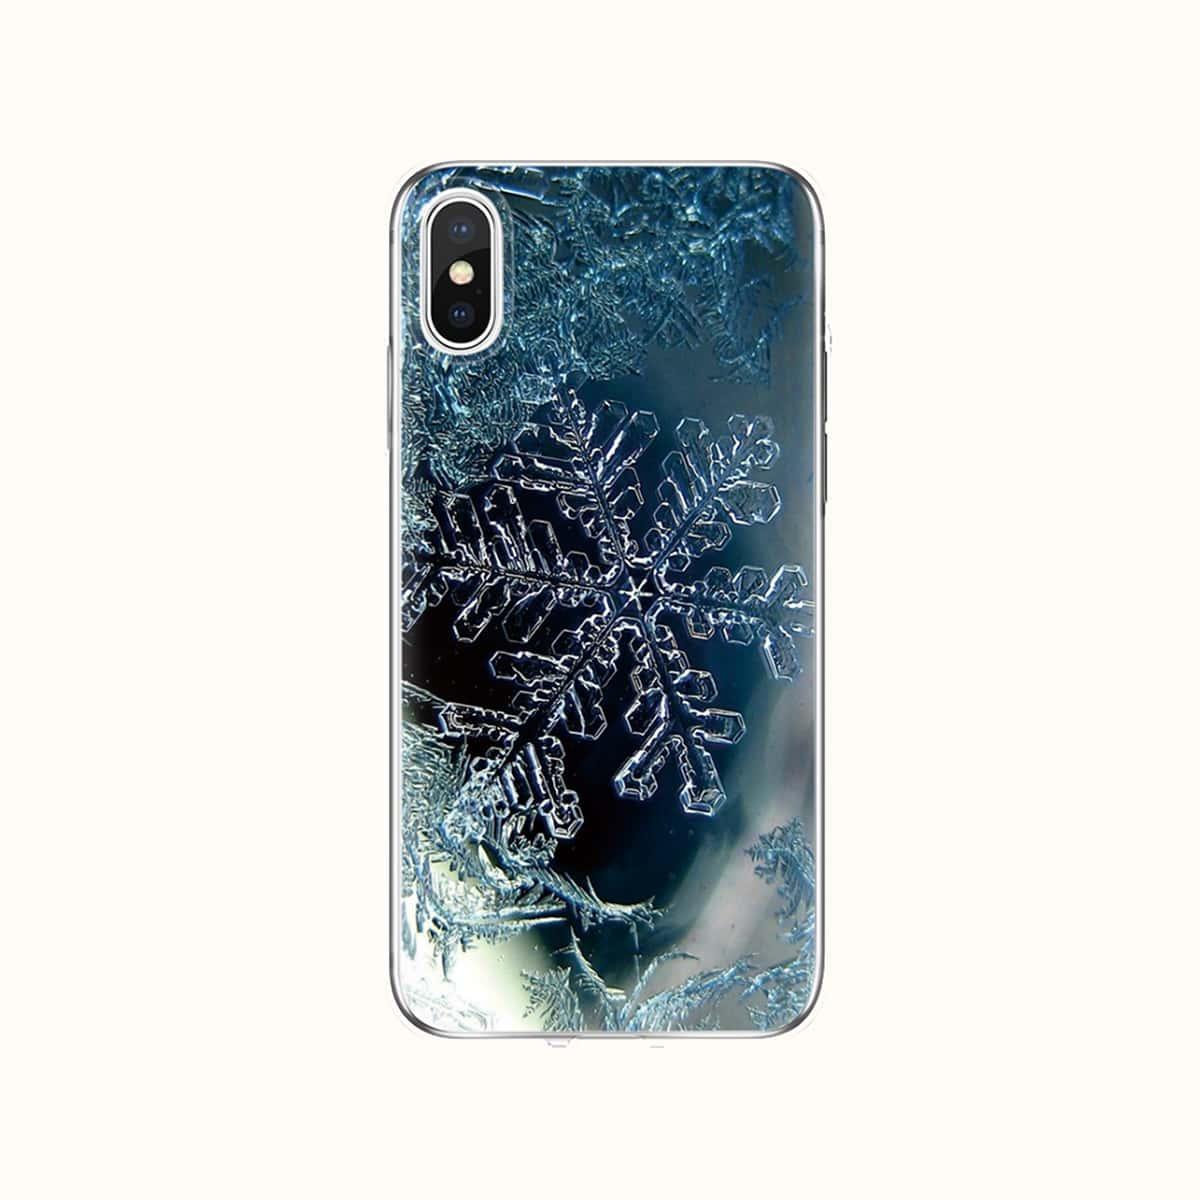 Weihnachten Handyetui mit Schneeflocke Muster